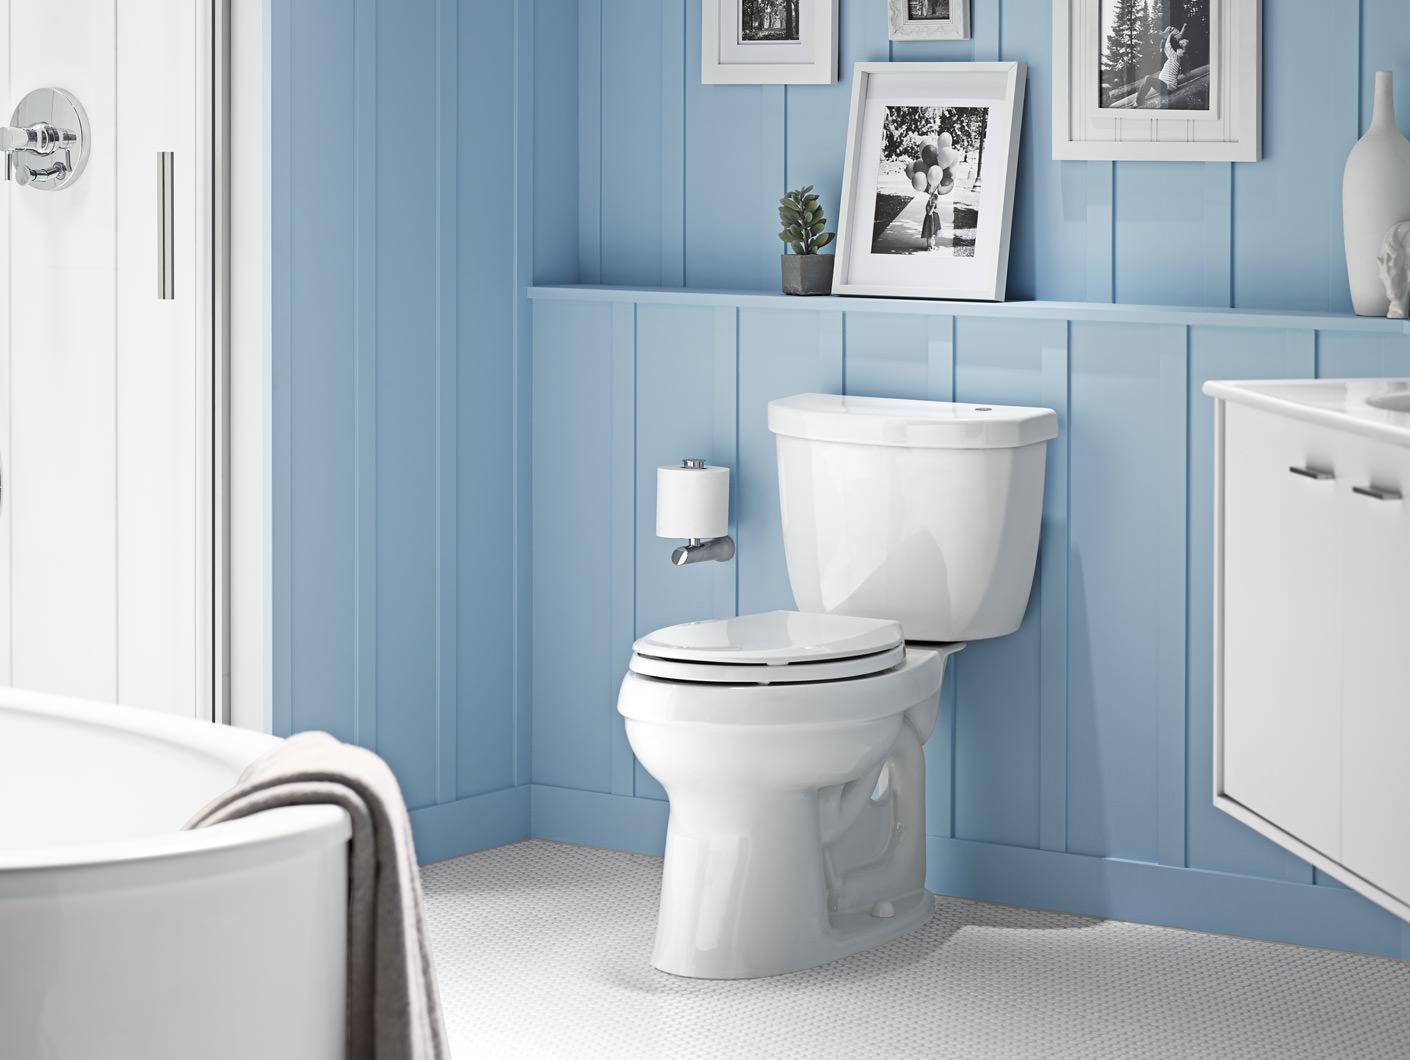 Ремонт туалета панелями голубыми